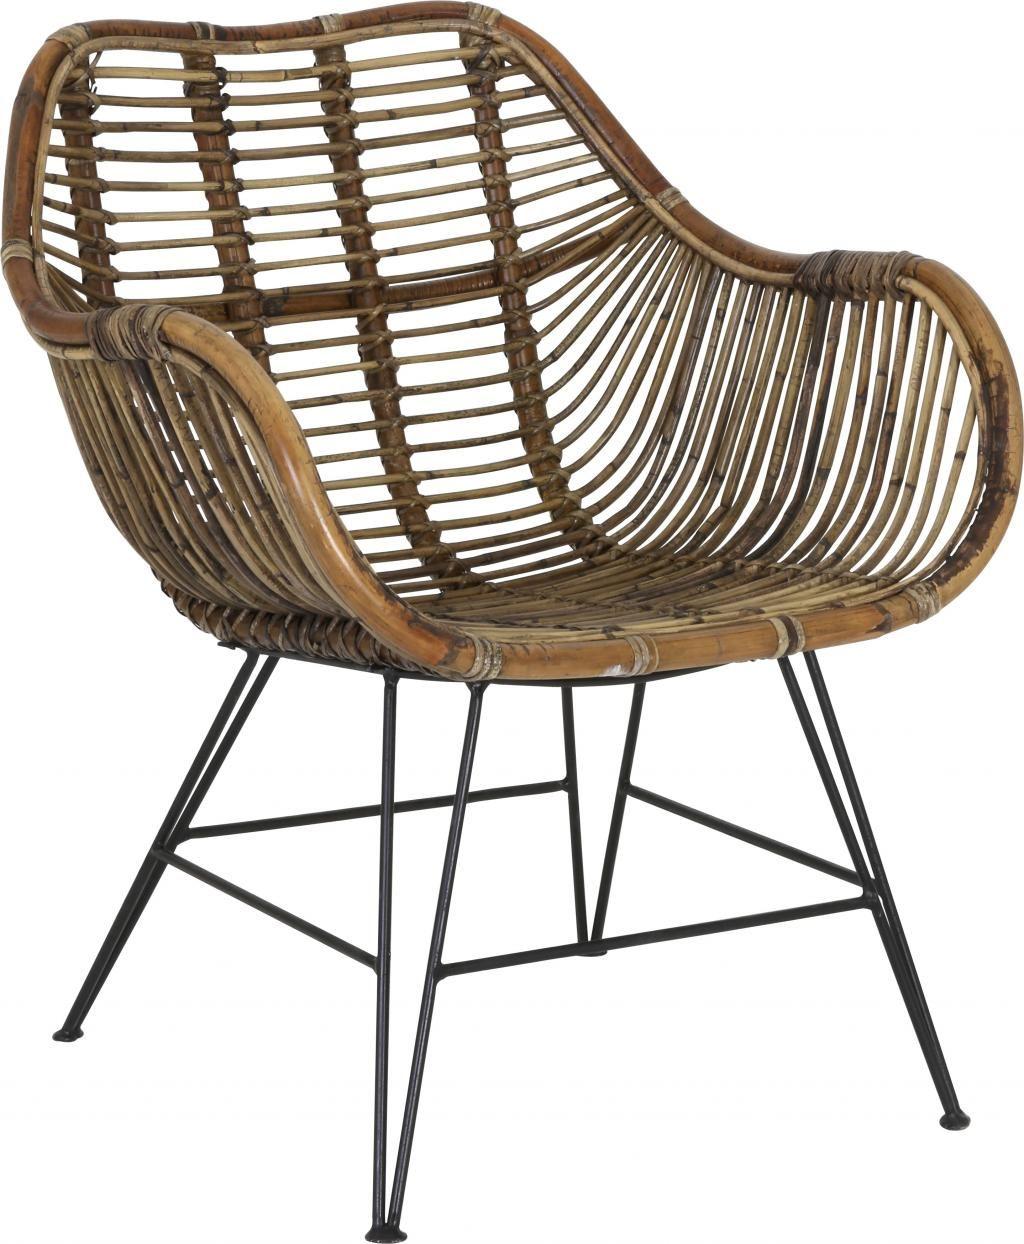 Rotan Rieten Fauteuils.Stoel Malang Rotan 69x66x79cm Bruin Light Living Chairs